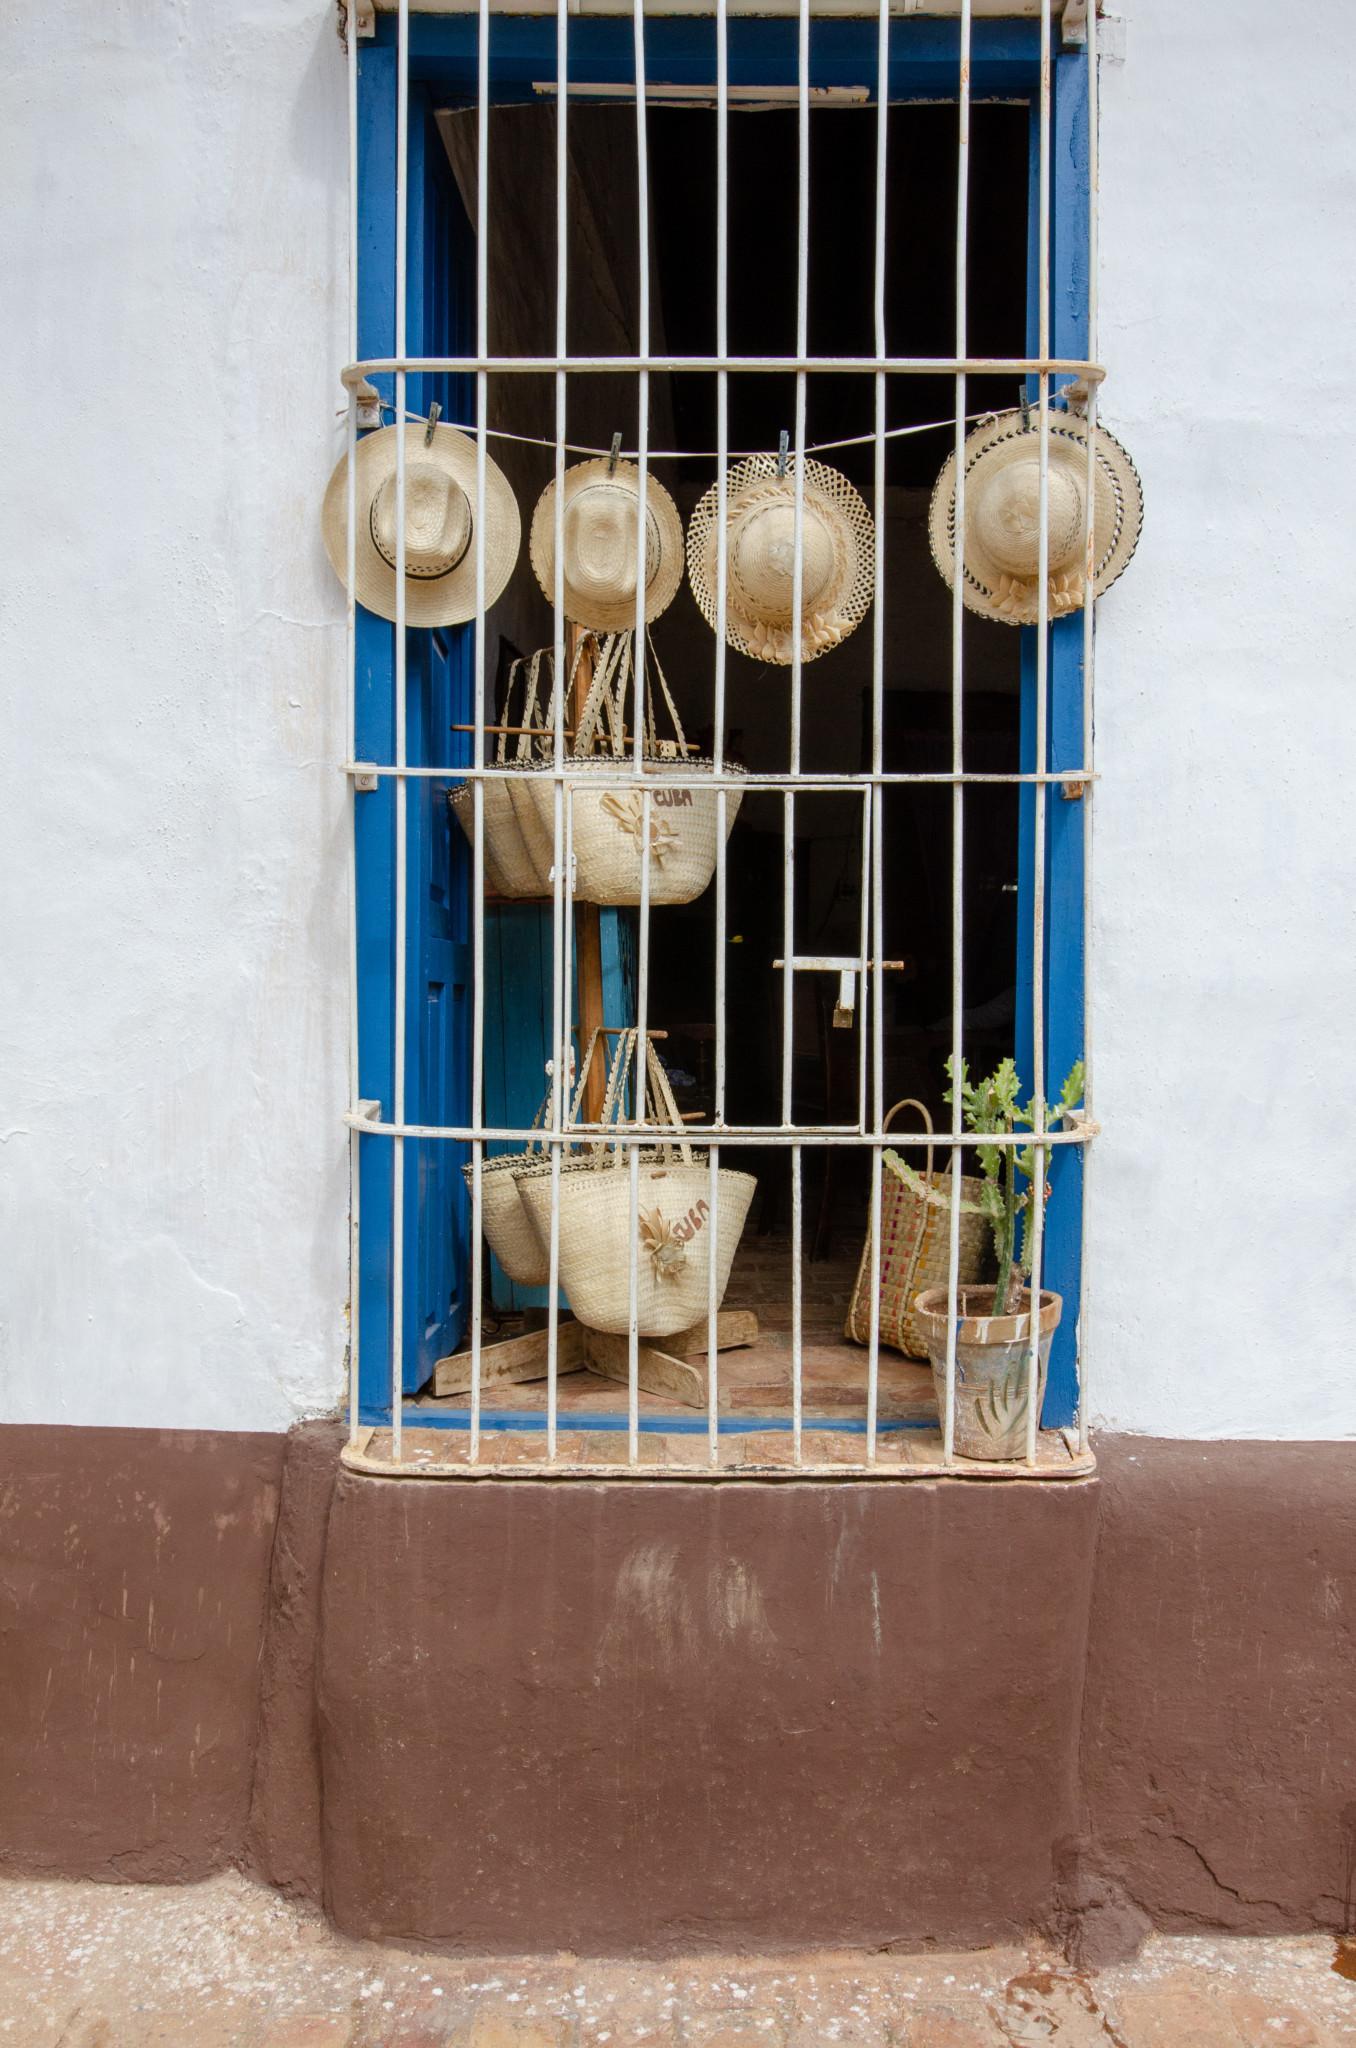 Hüte in Trinidad